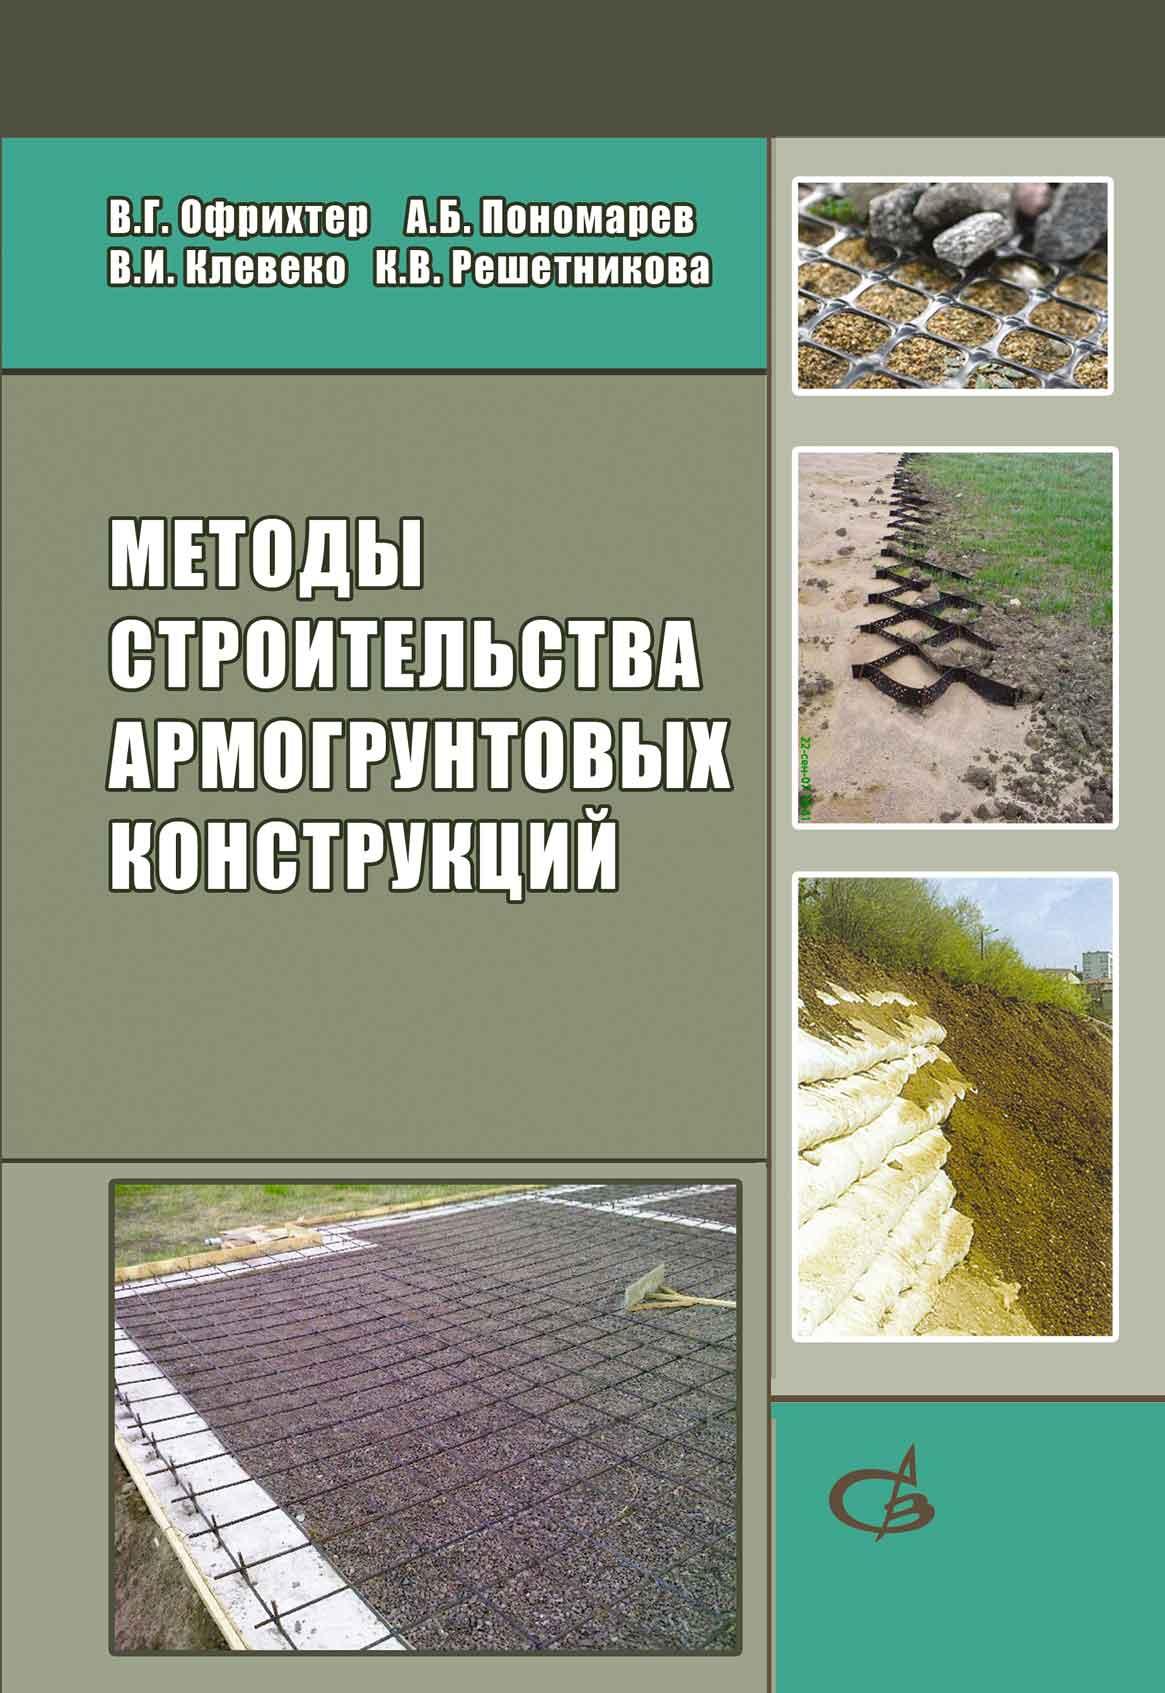 В. Г. Офрихтер Методы строительства армогрунтовых конструкций